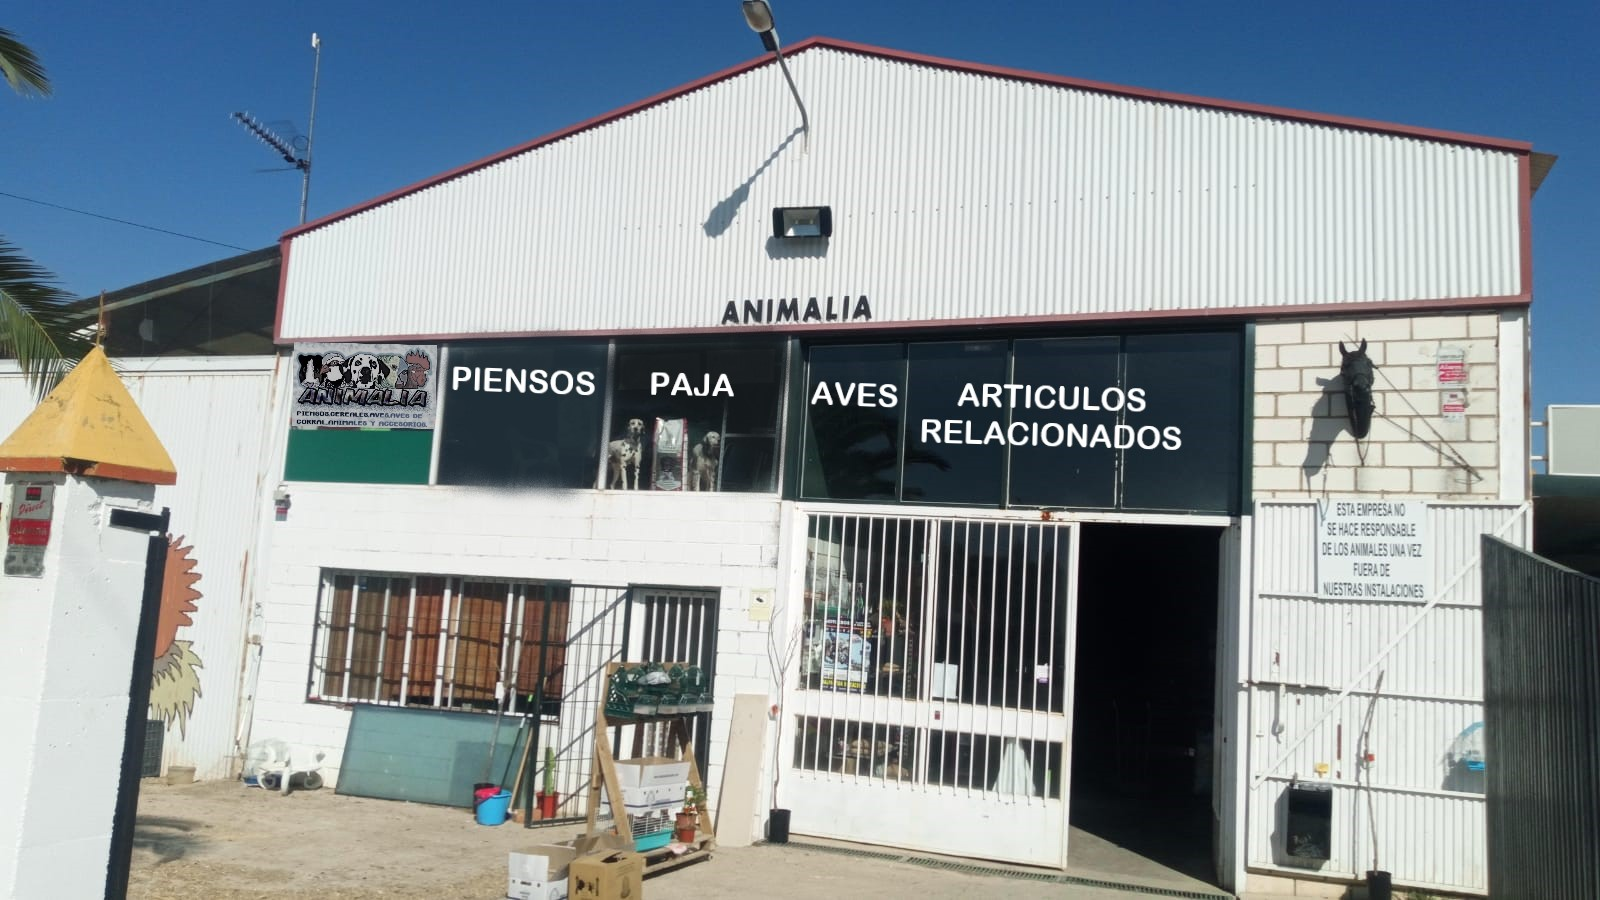 Tienda de animales en Cáceres Poligono ganadero Animalia